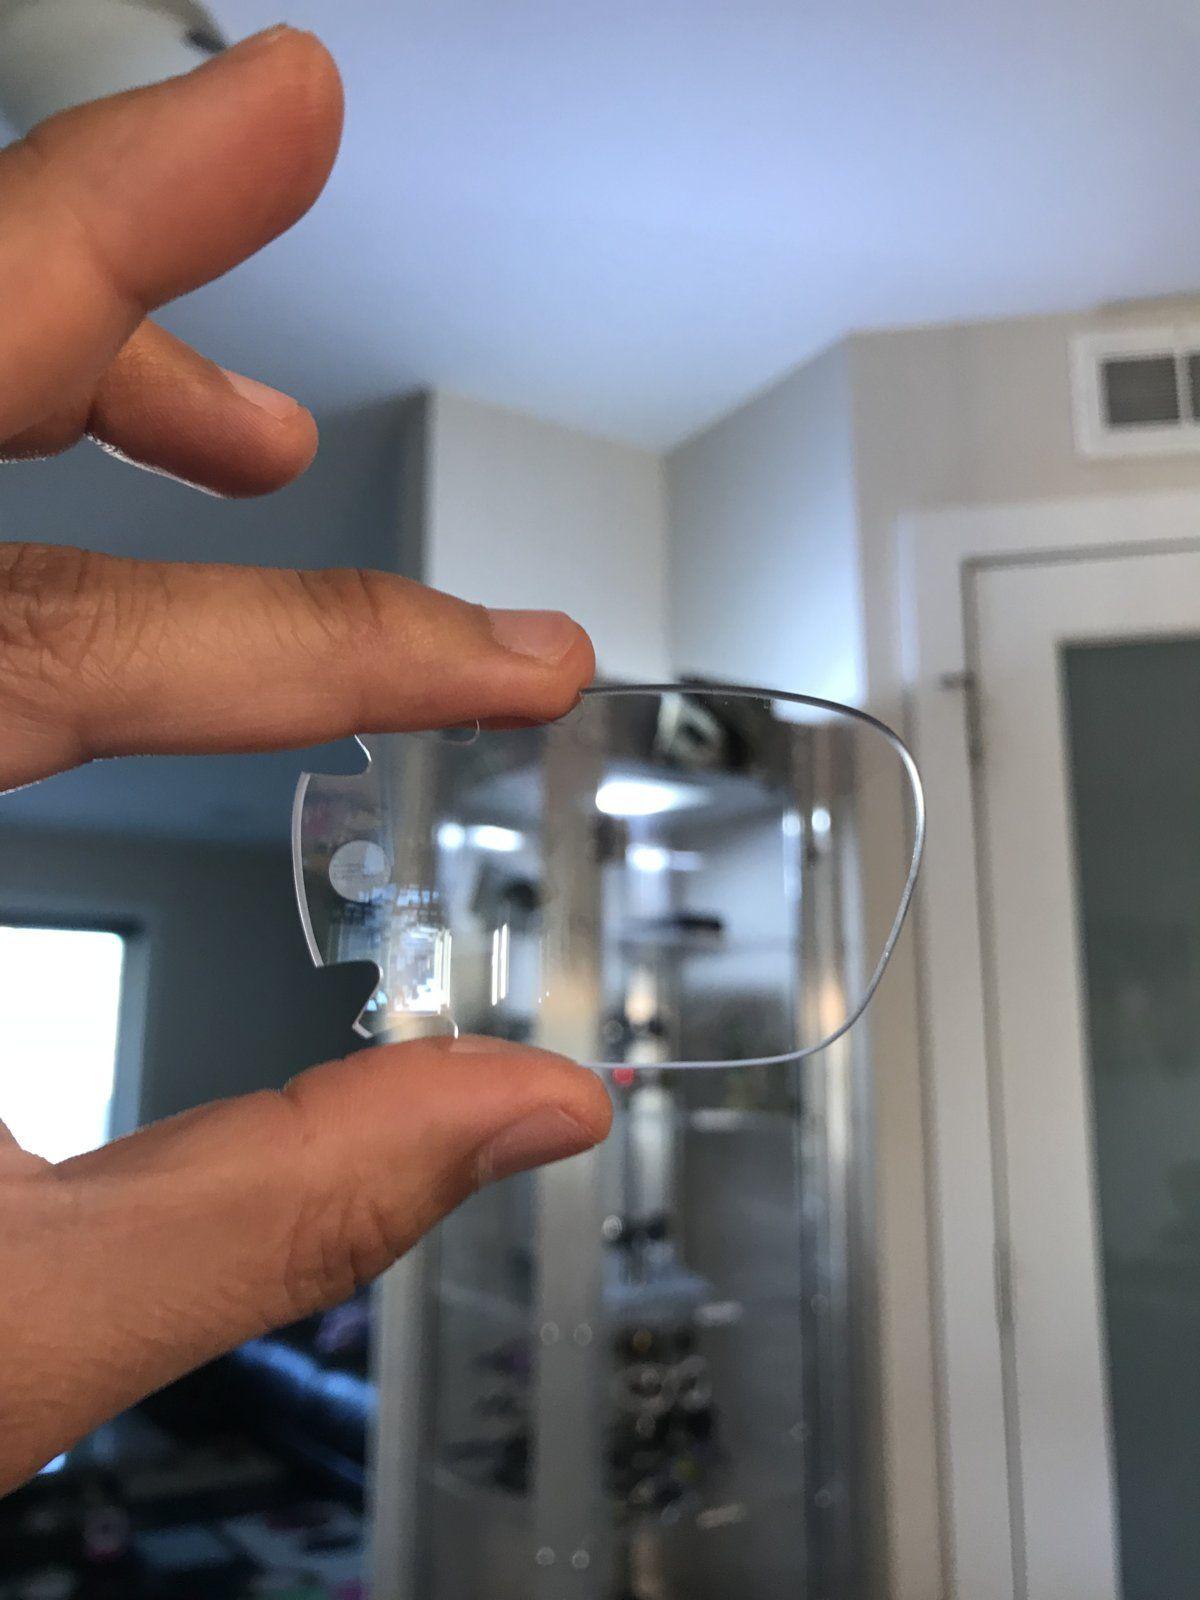 Clear Stpl and Clear RJ/Jawbone lense - 7B003541-8864-462C-A07E-4AF674C7FD52.jpeg